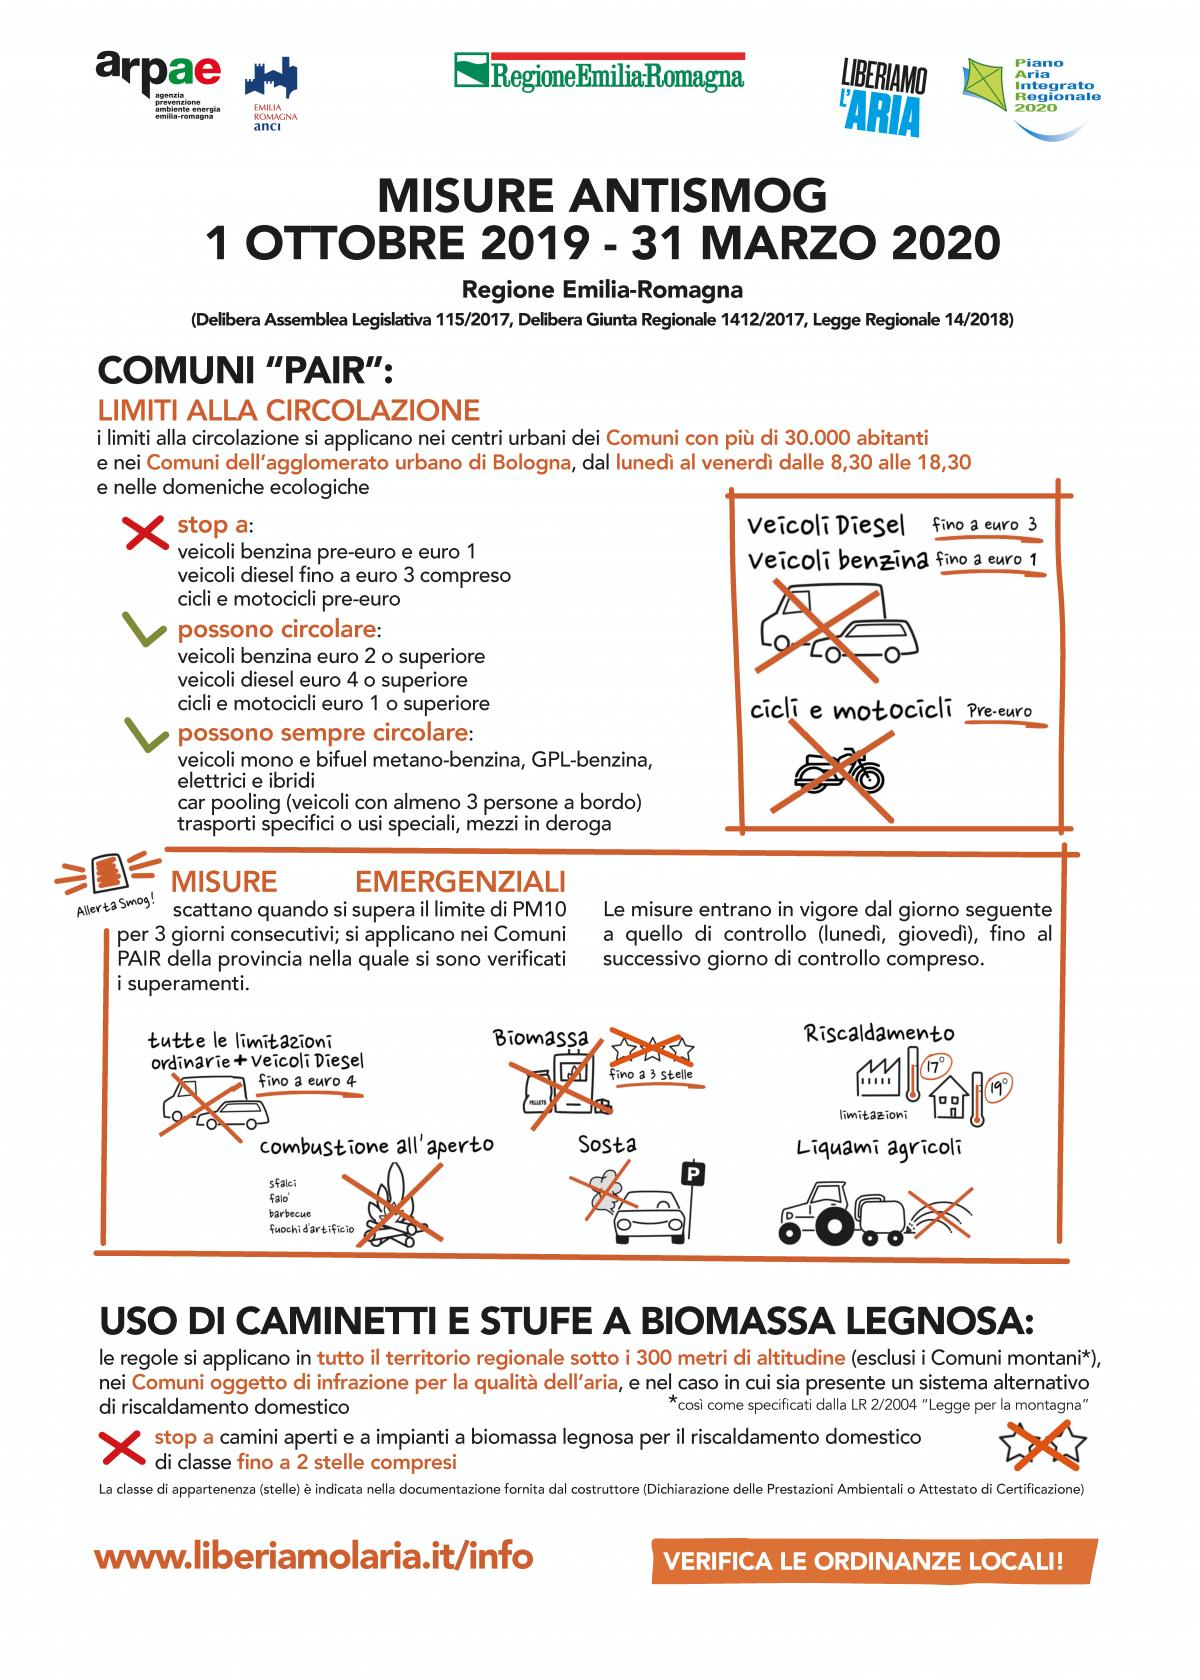 Misure antismog 2019 2020